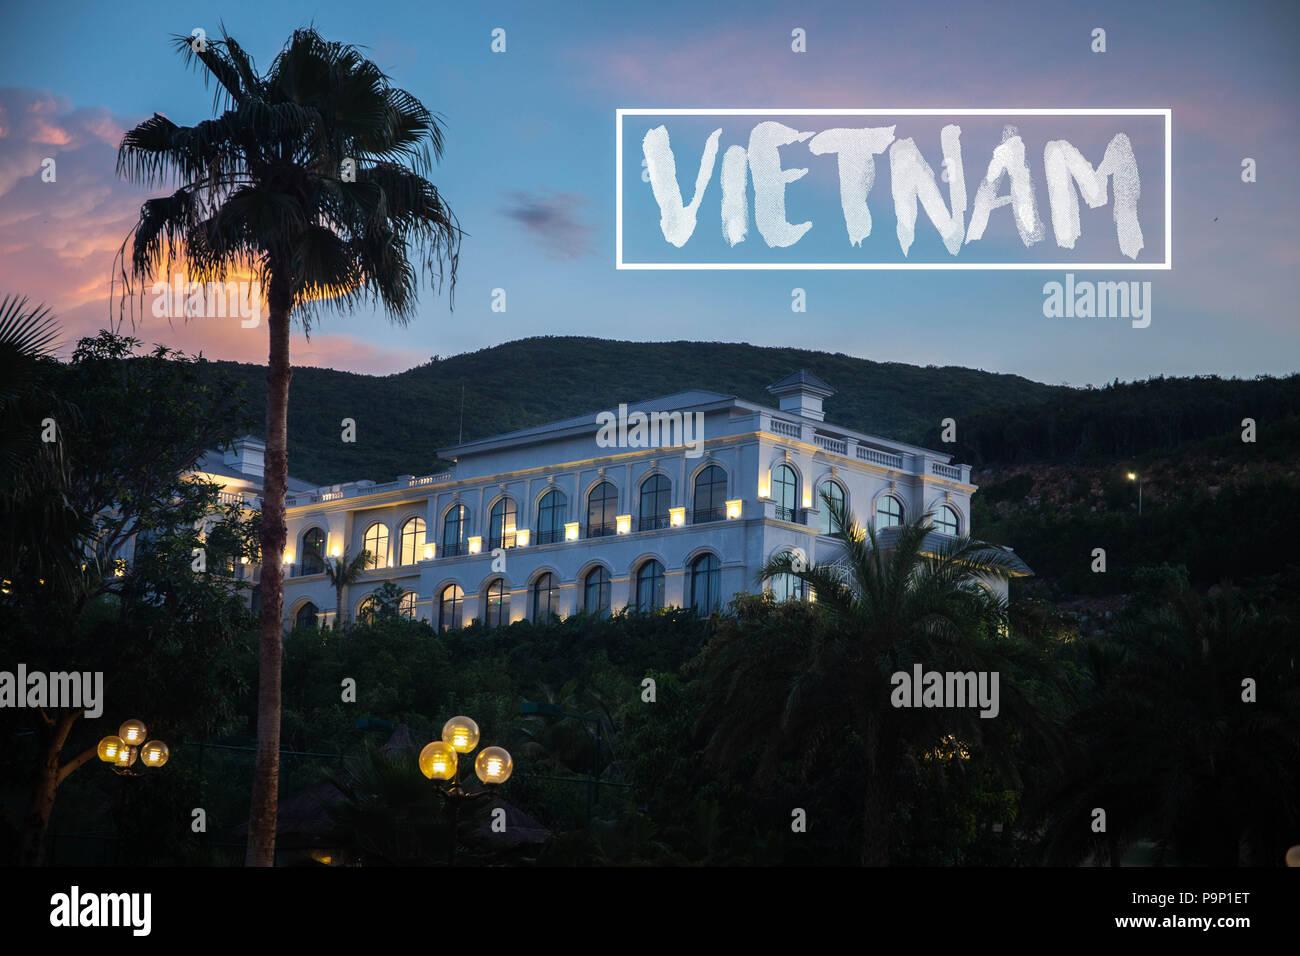 Vinpearl Vietnam - Stock Image